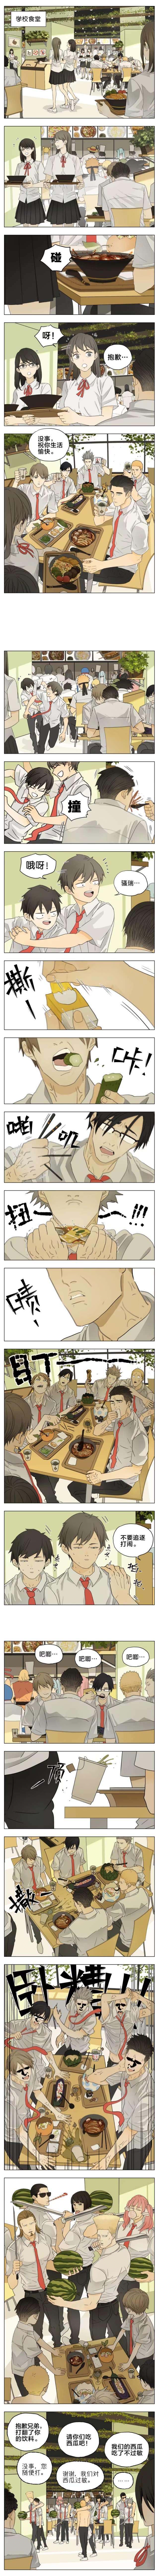 【漫画】少年们,小学生穿白丝袜照片